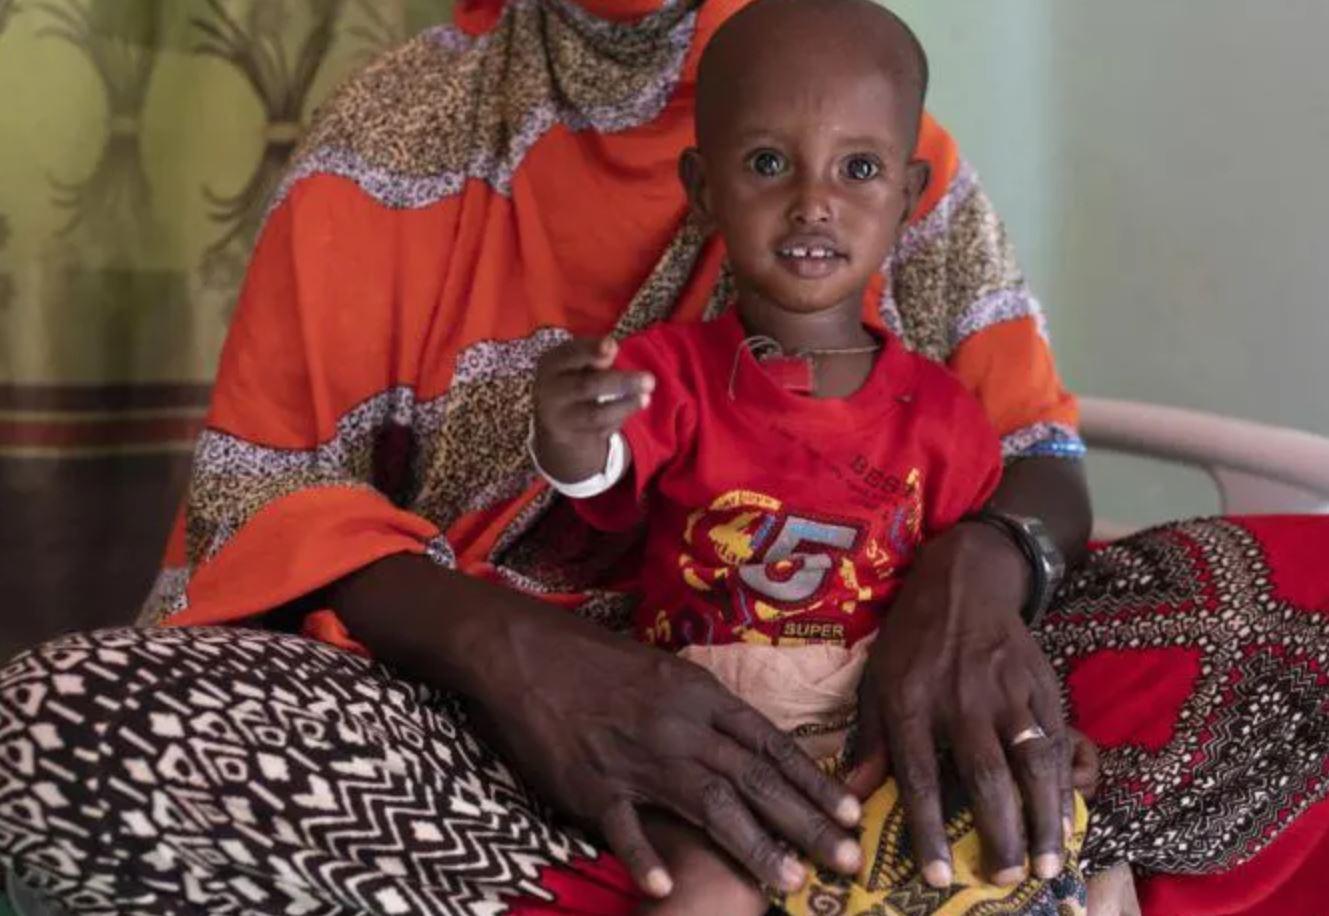 Những cảnh báo đáng sợ khi Somalia chao đảo trên bờ vực của cuộc khủng hoảng lương thực